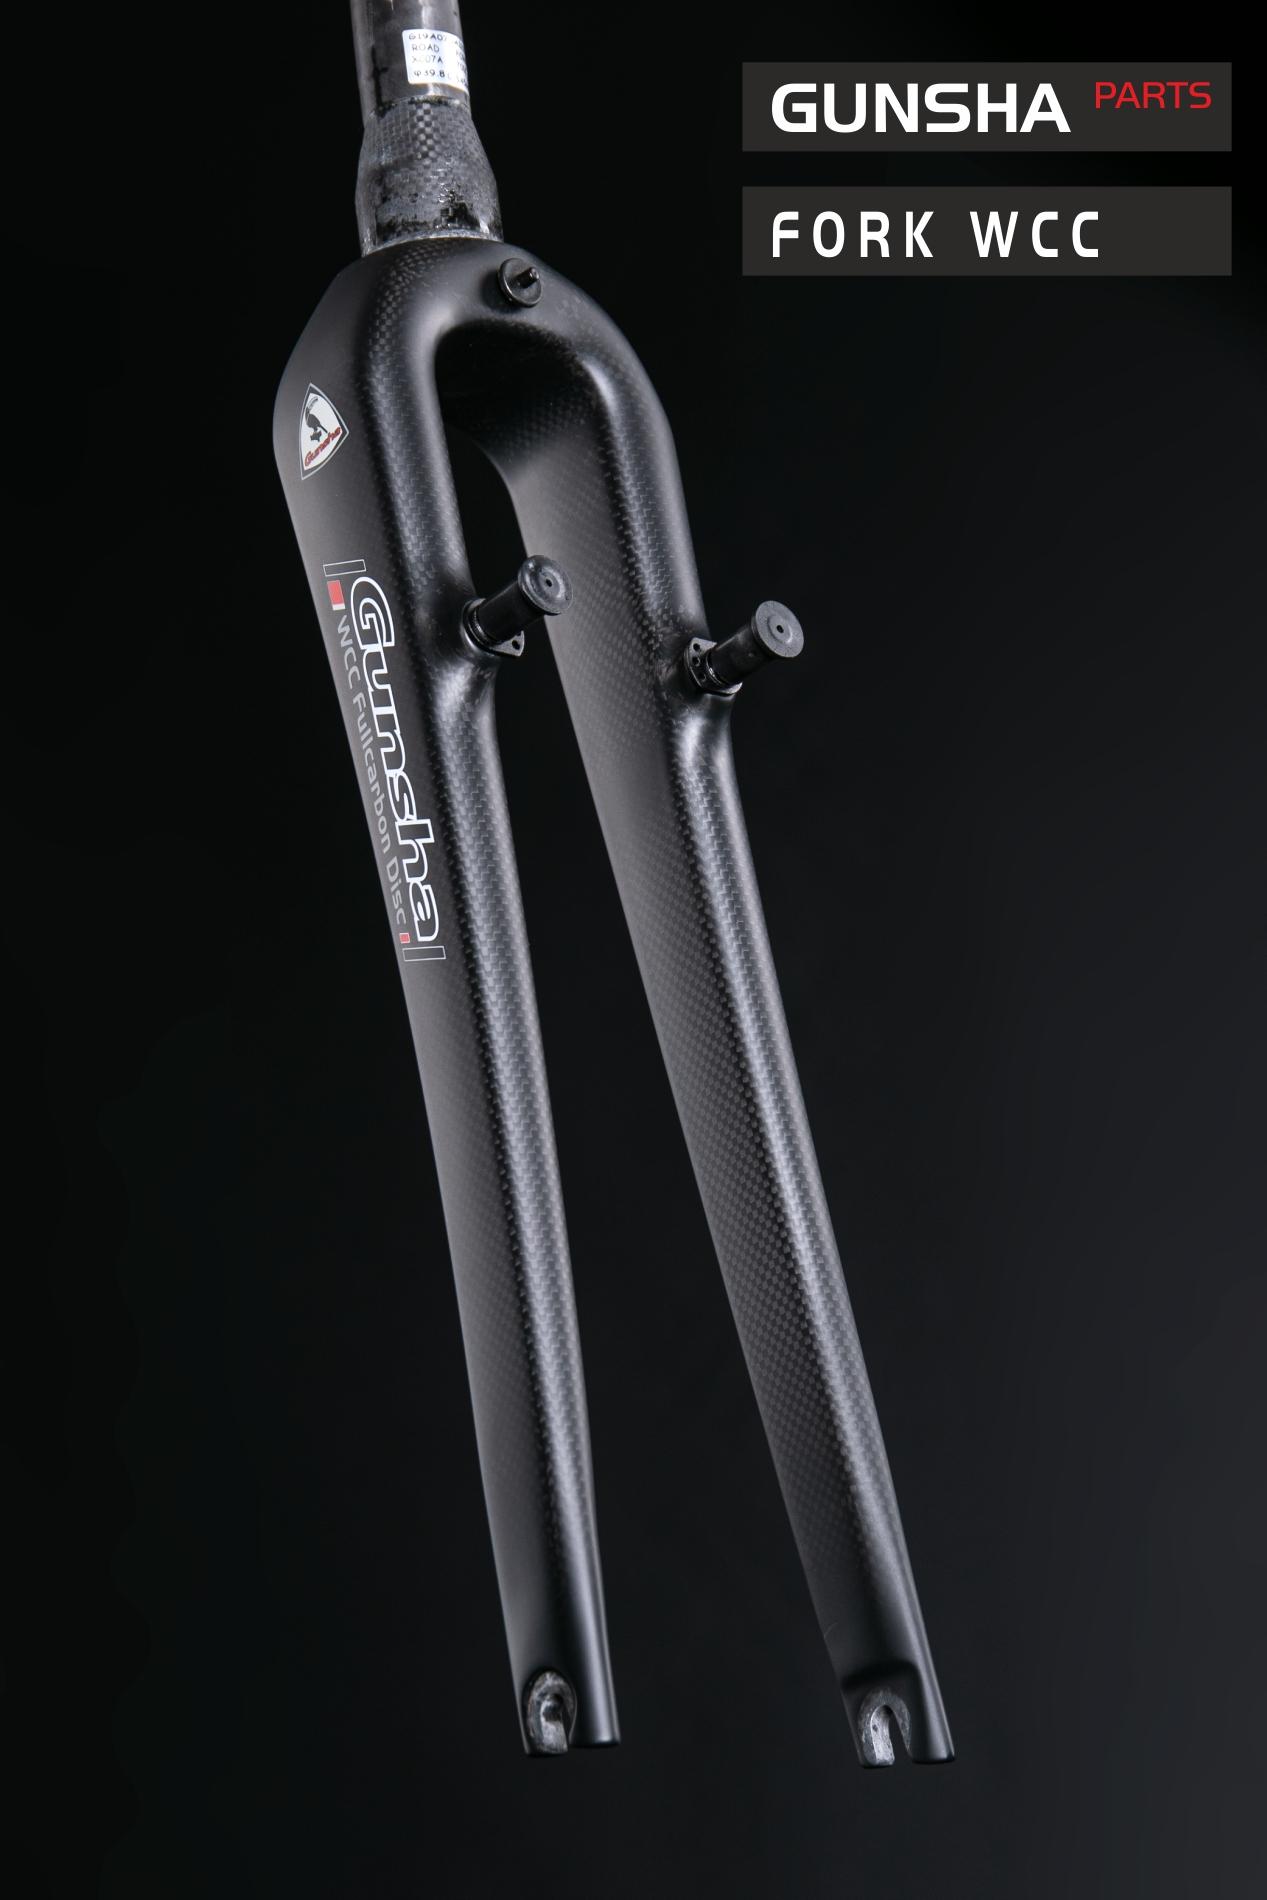 Cyclocross Fullcarbon Fork Gunsha WCC Tapered